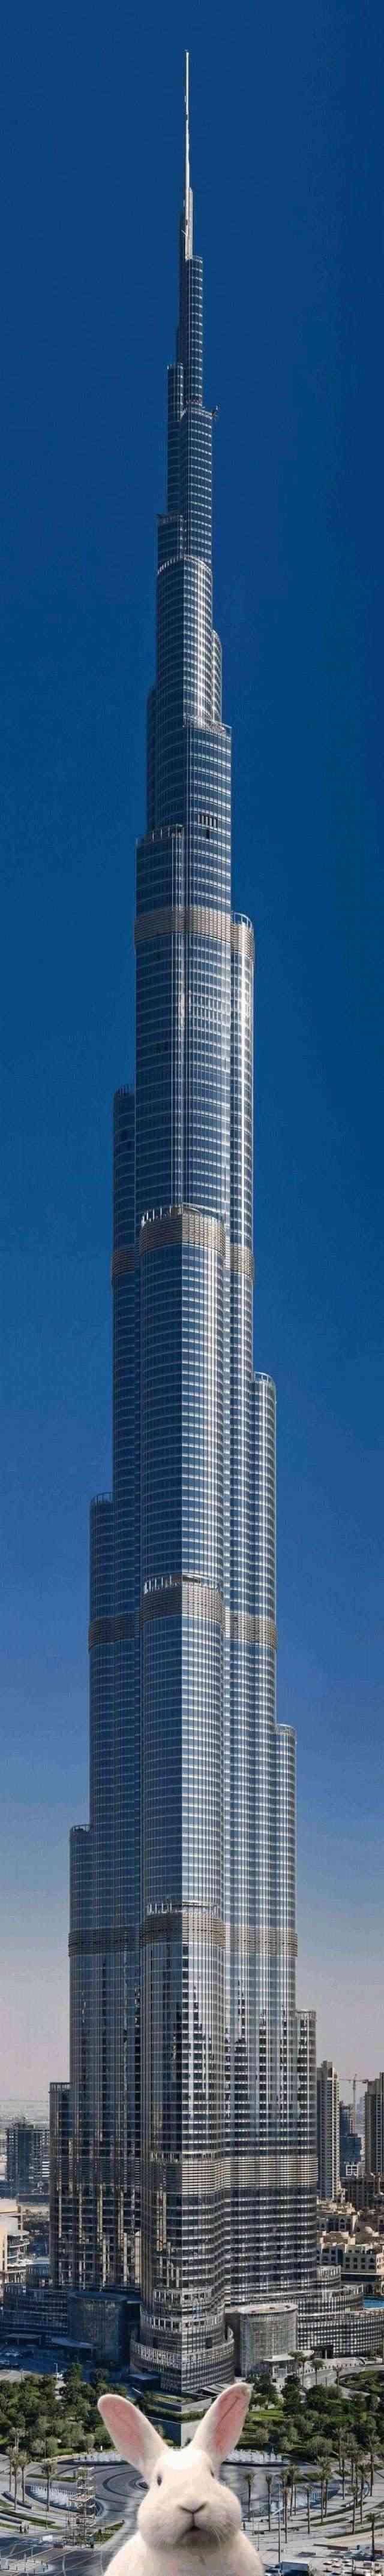 Classement des plus hauts gratte-ciel et tours du monde - Page 2 Gratte12